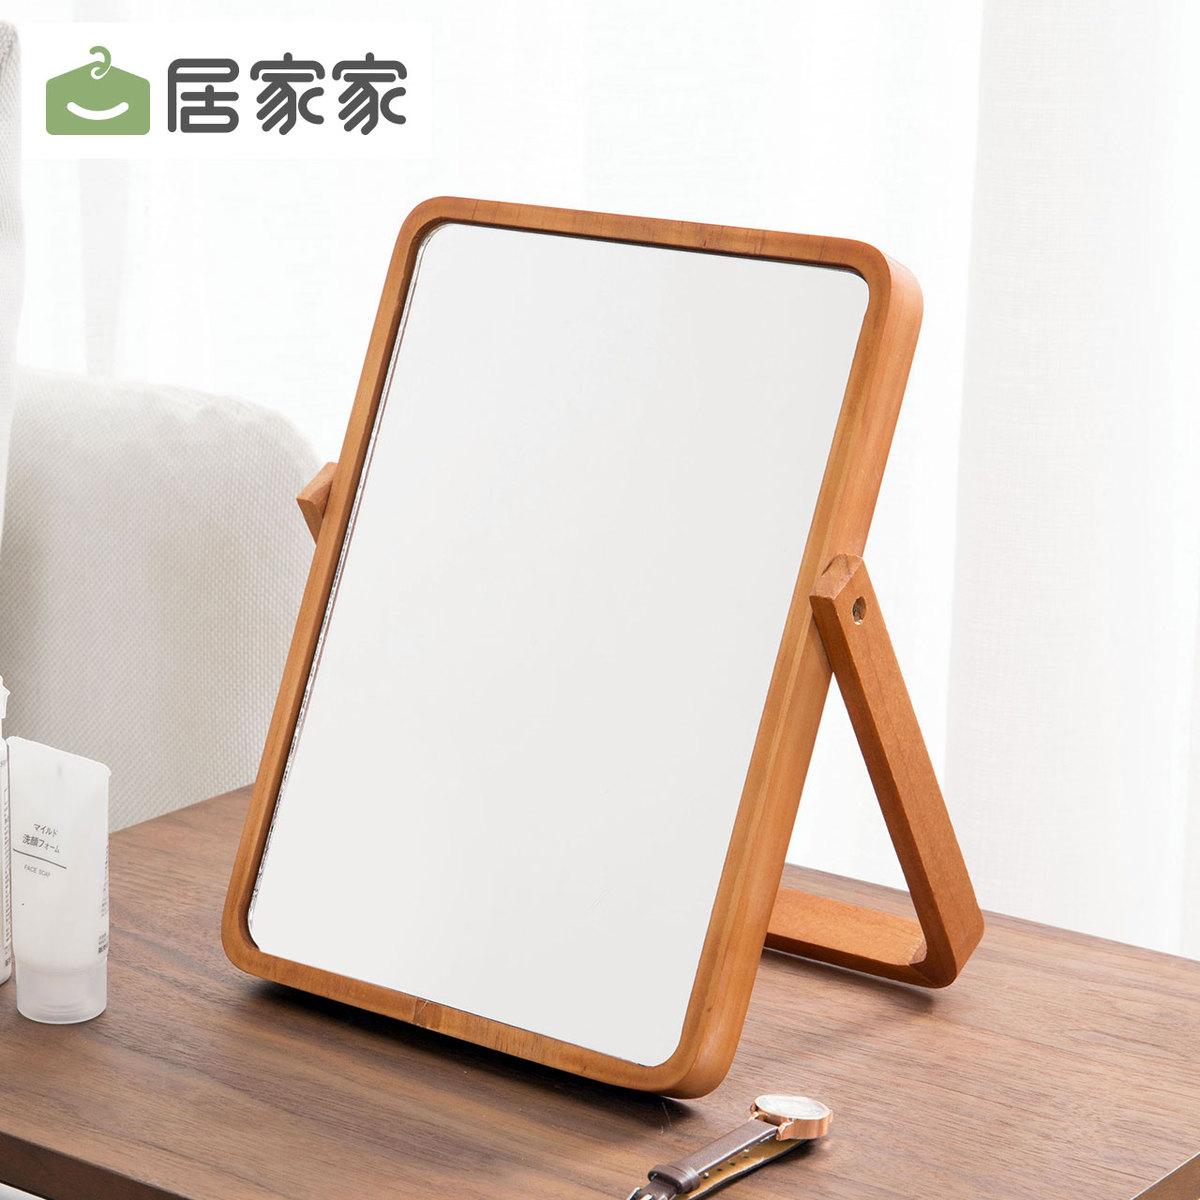 居家家实木台式化妆镜梳妆台桌面梳妆镜家用可挂书桌大号木质镜子